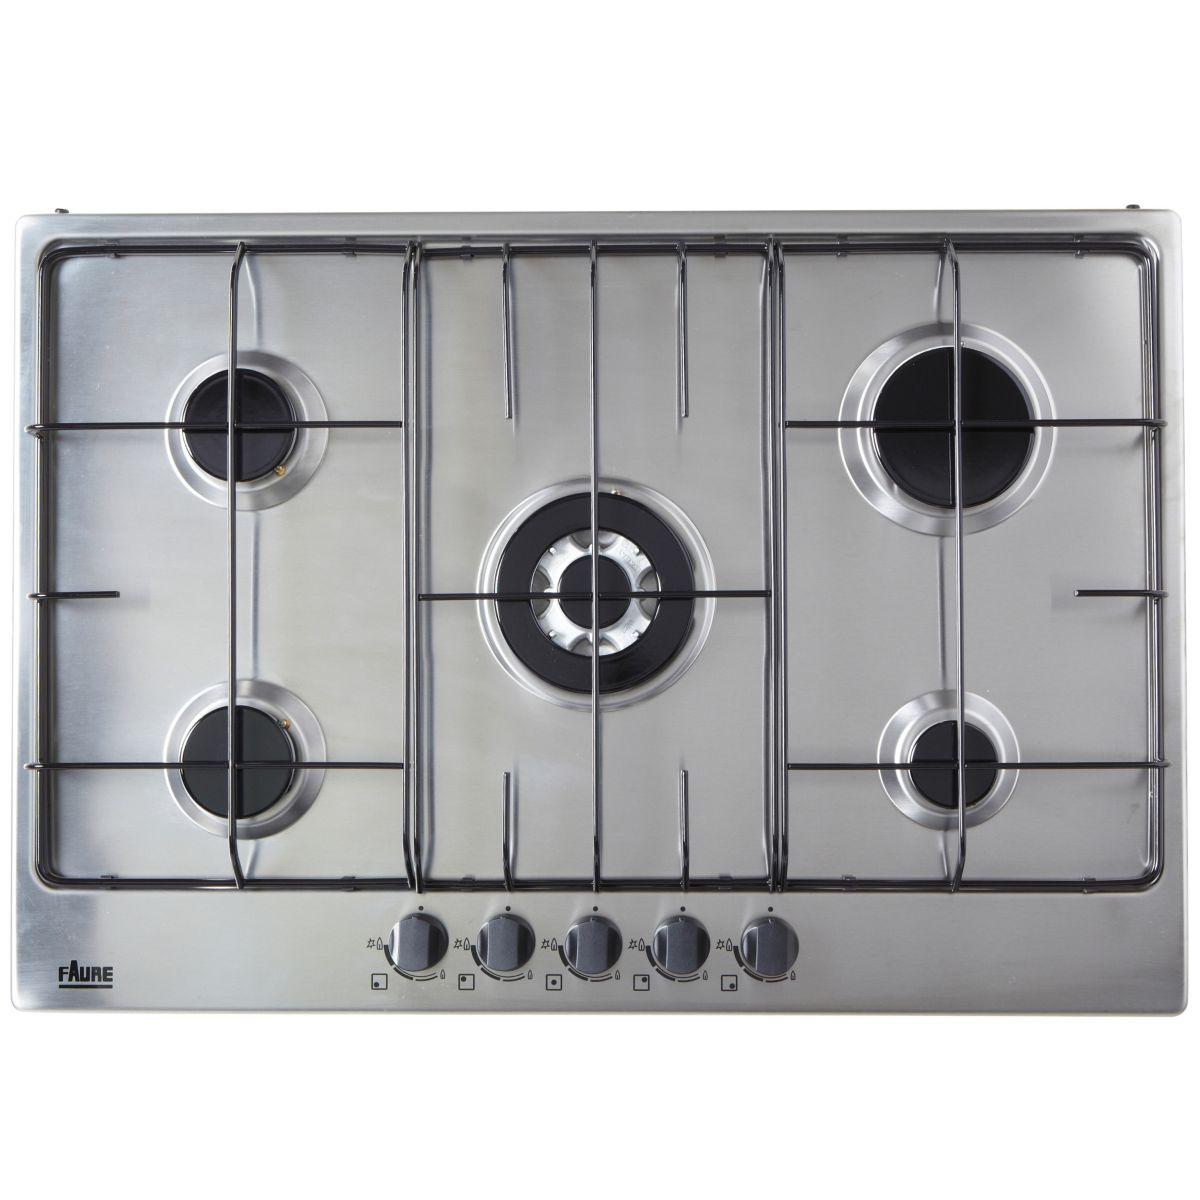 Table de cuisson gaz FAURE FGG75524XA